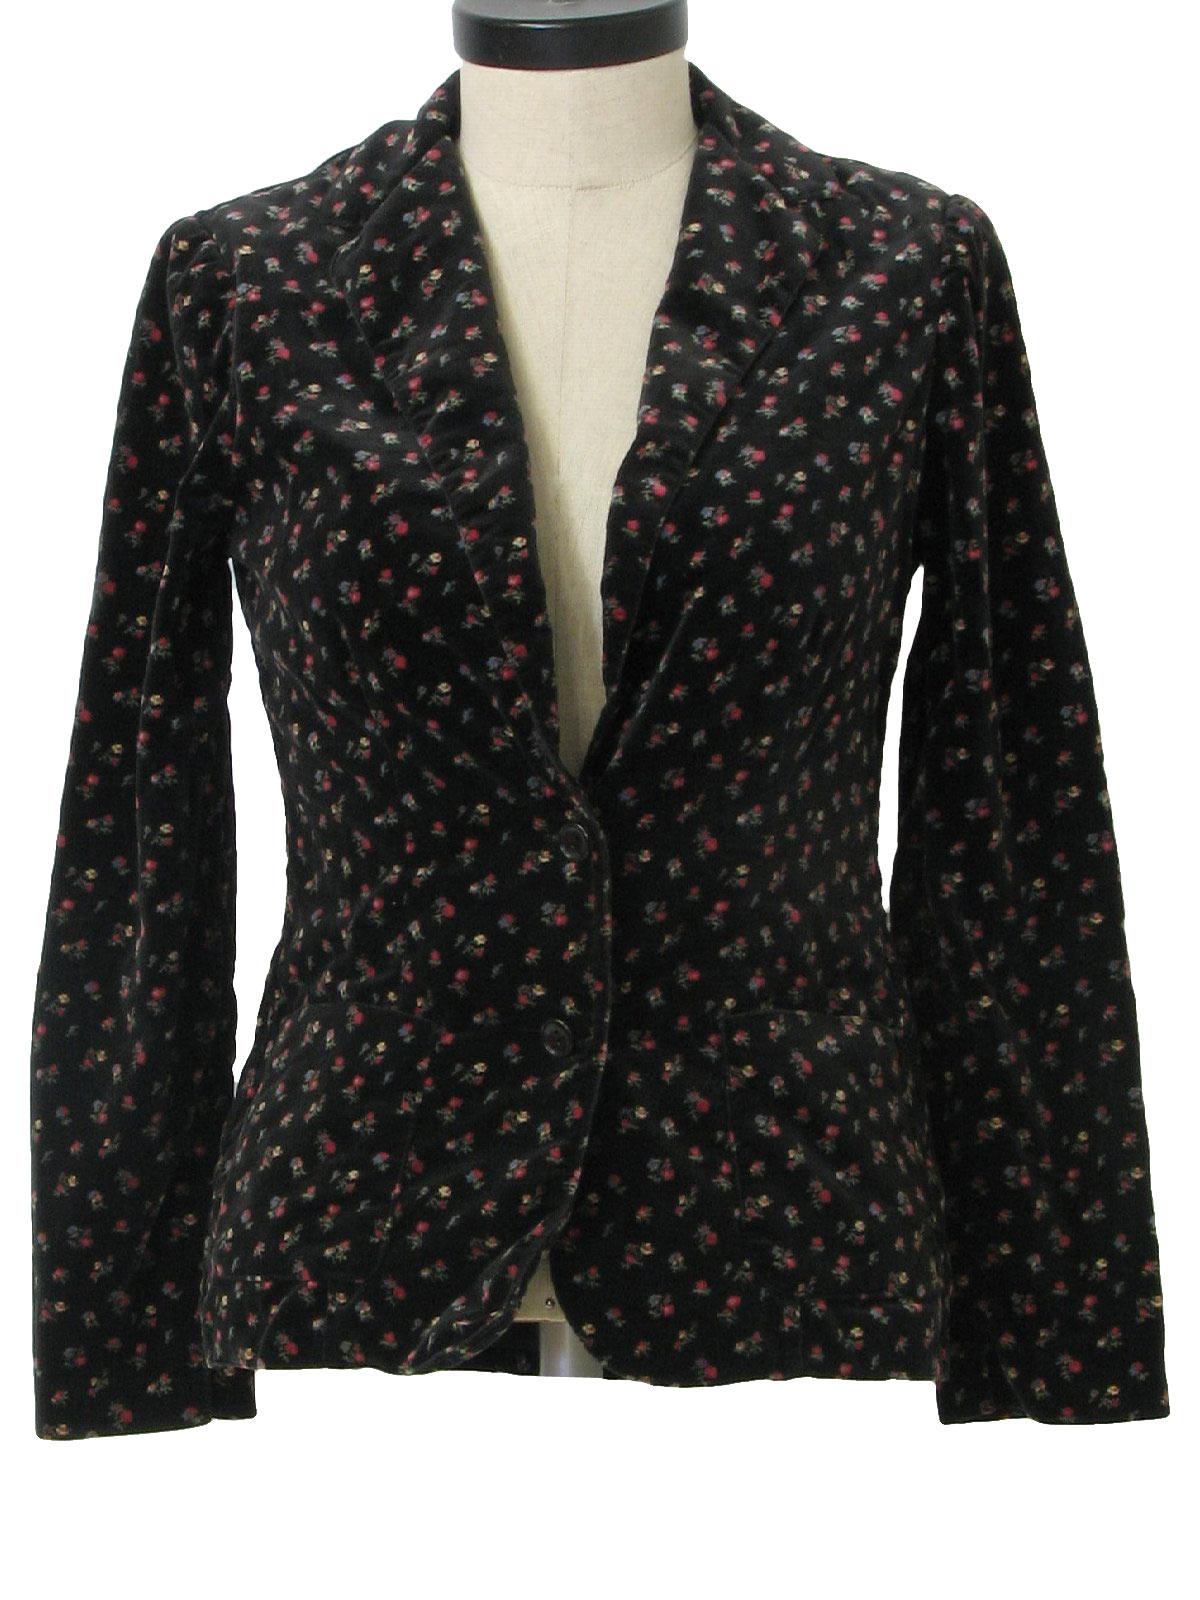 Seventies Alpaq Jacket: 70s -Alpaq- Womens black, shaded